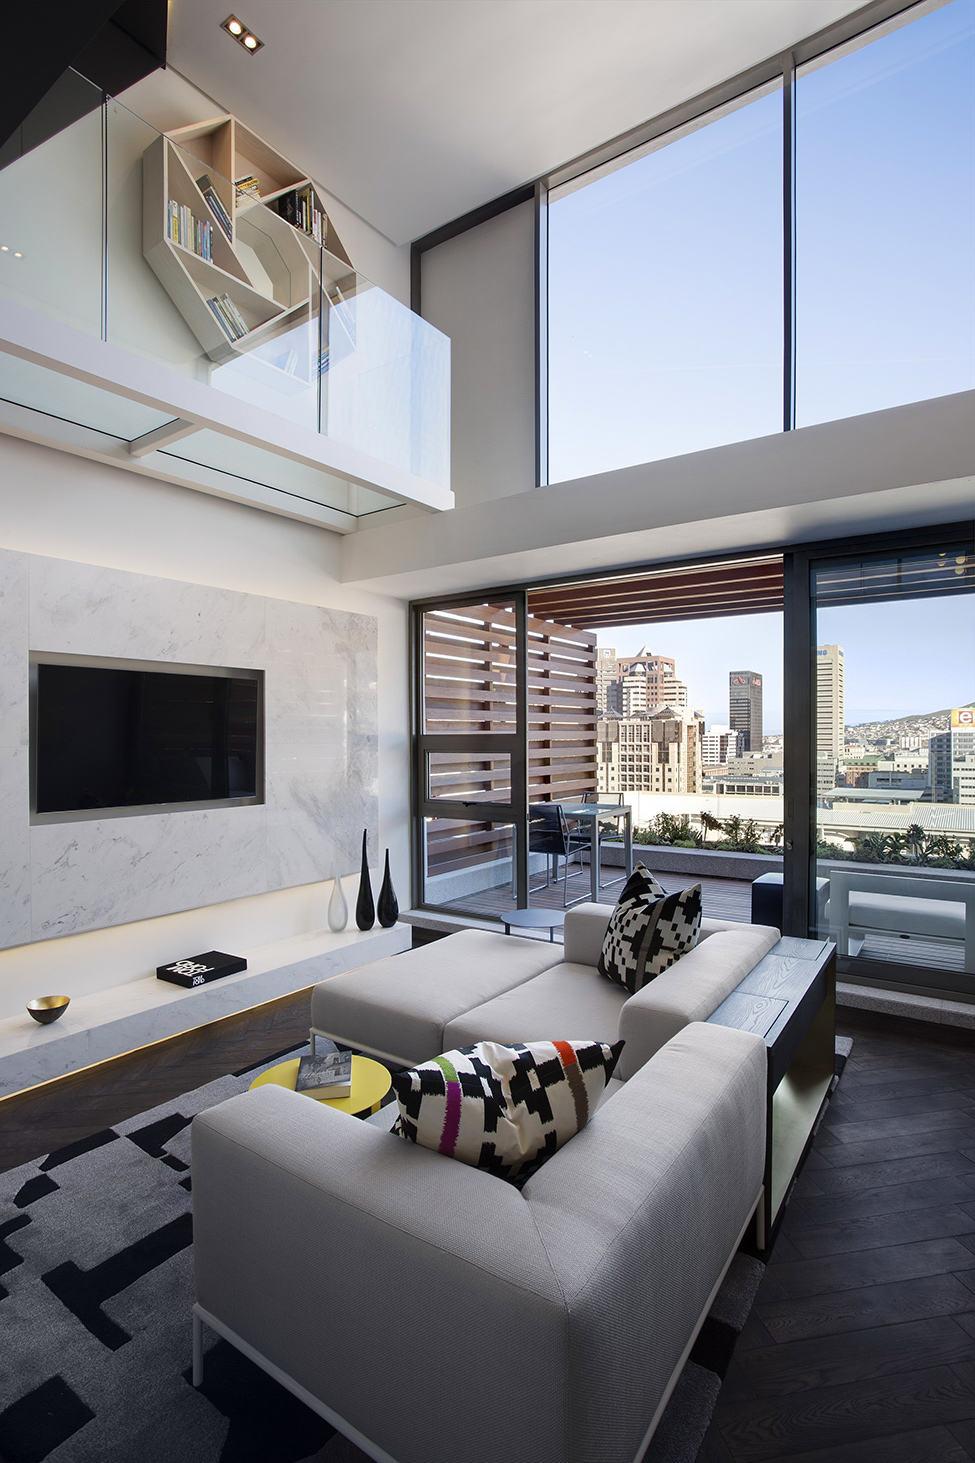 后现代风格客厅隔断背景墙设计效果图